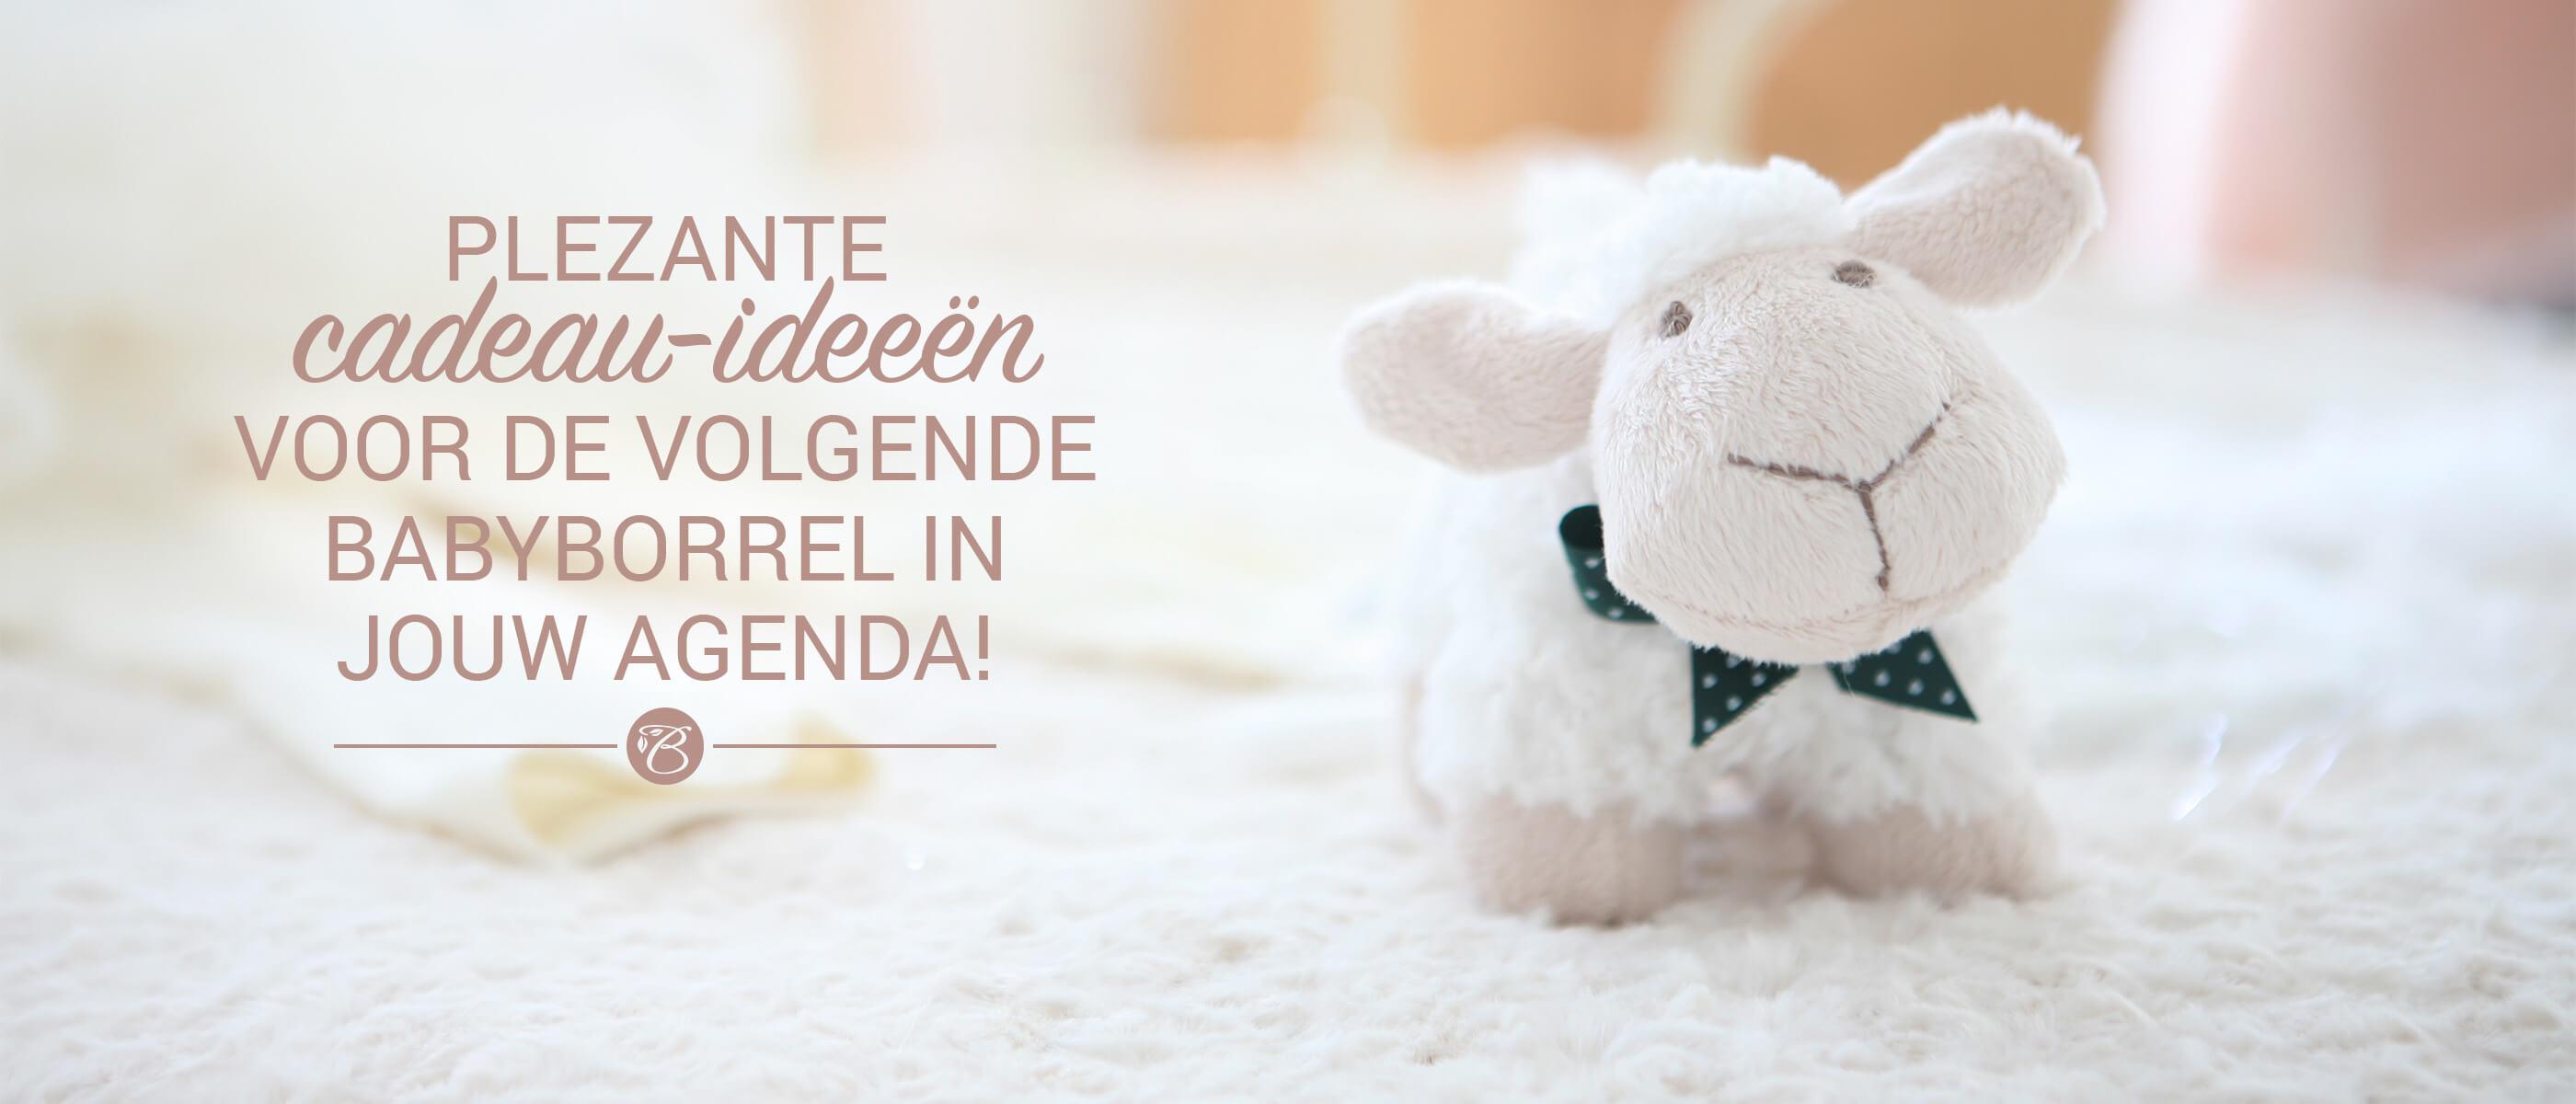 cadeau-idee-babyborrel_blog